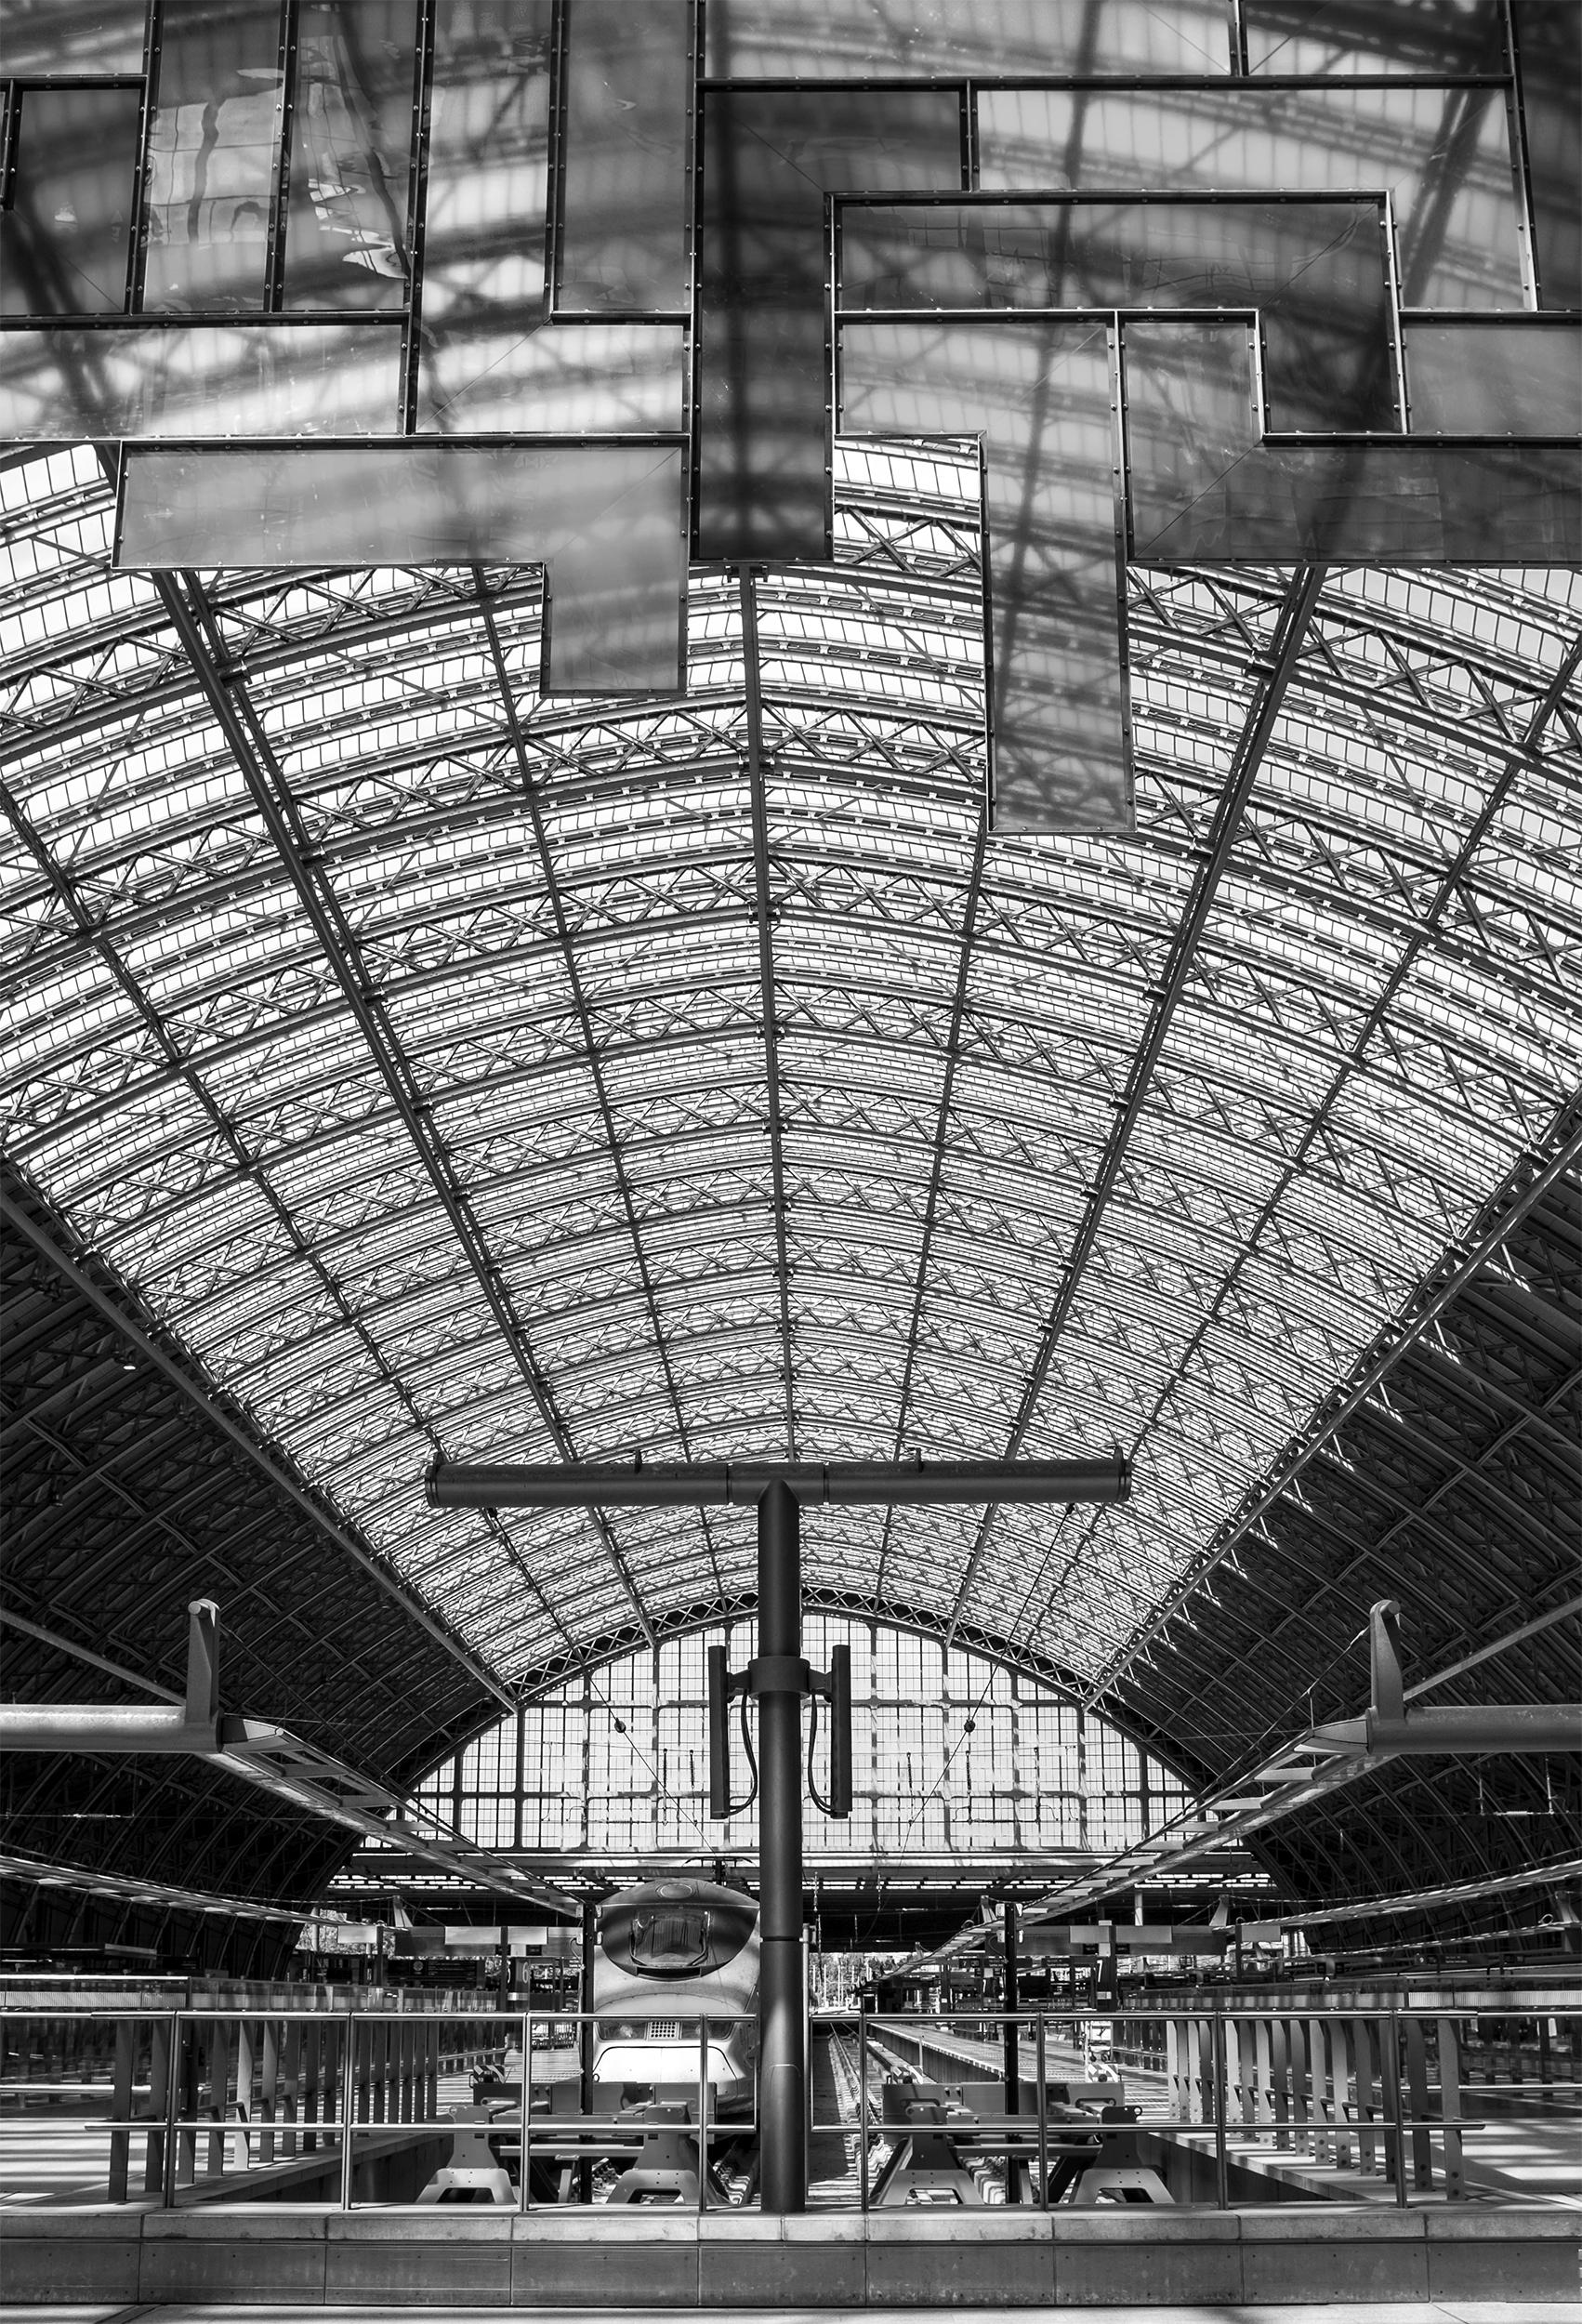 St. Pancras station, London, En - johnnyg_photography   ello